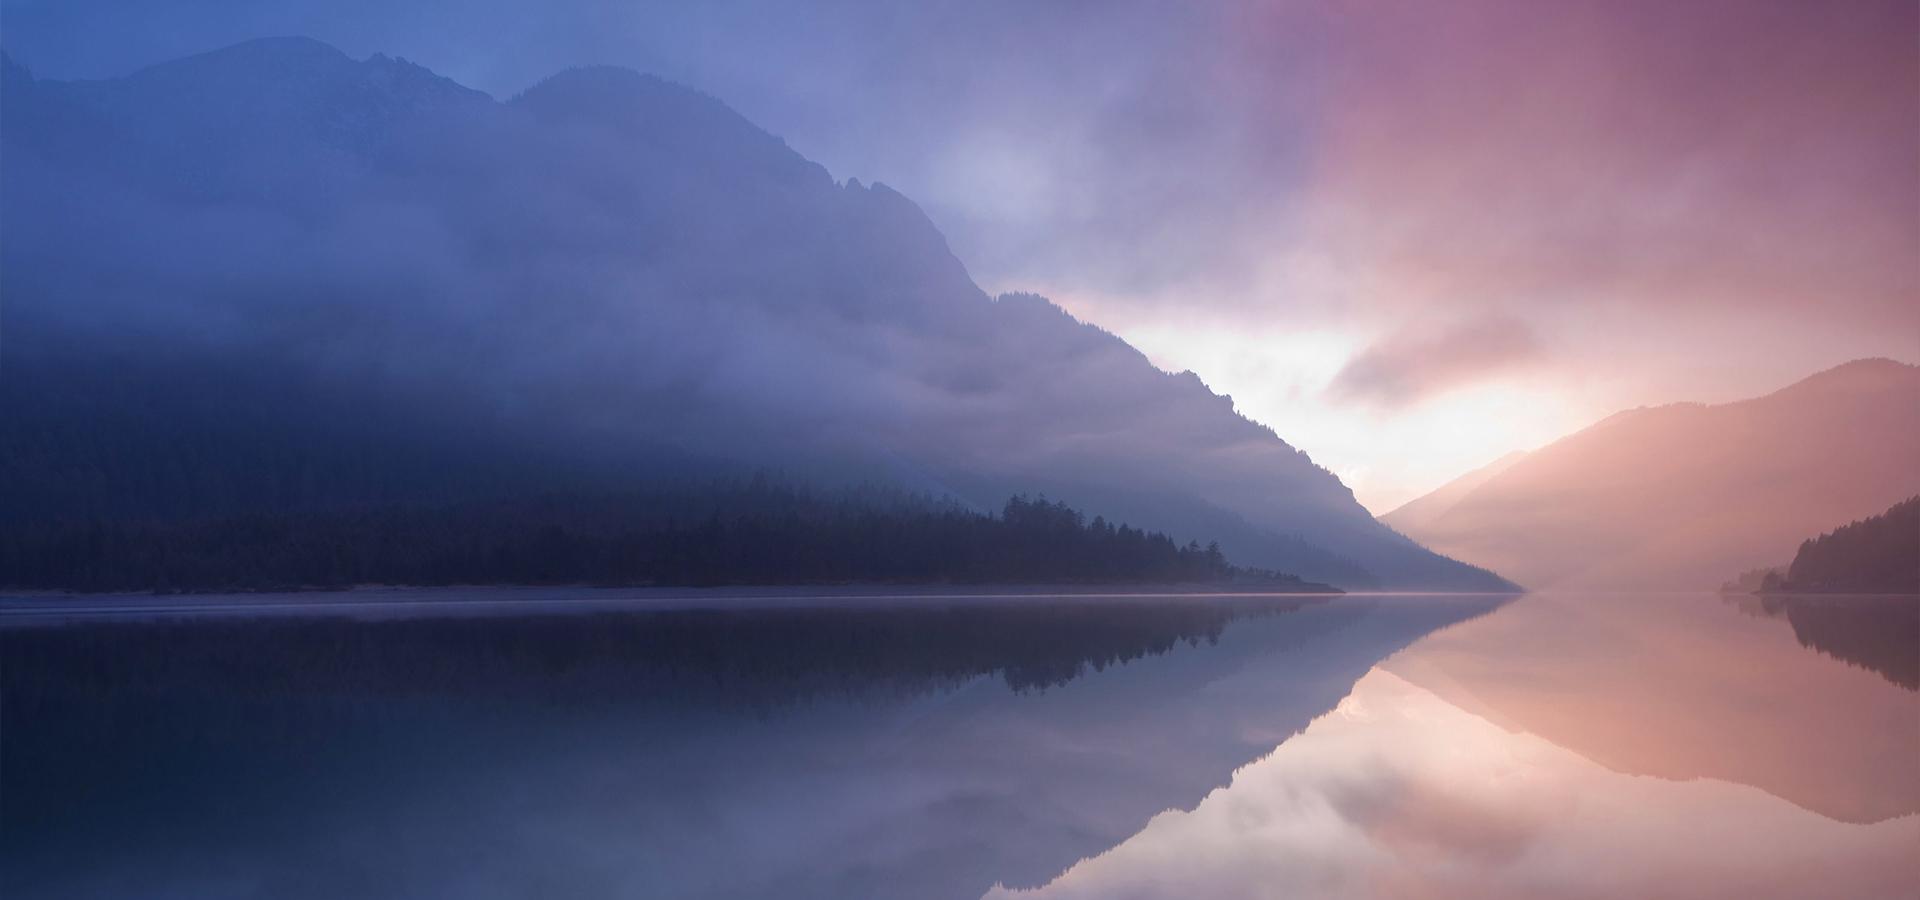 sur fond de paysage montagne montagne lake de l u0026 39 eau la